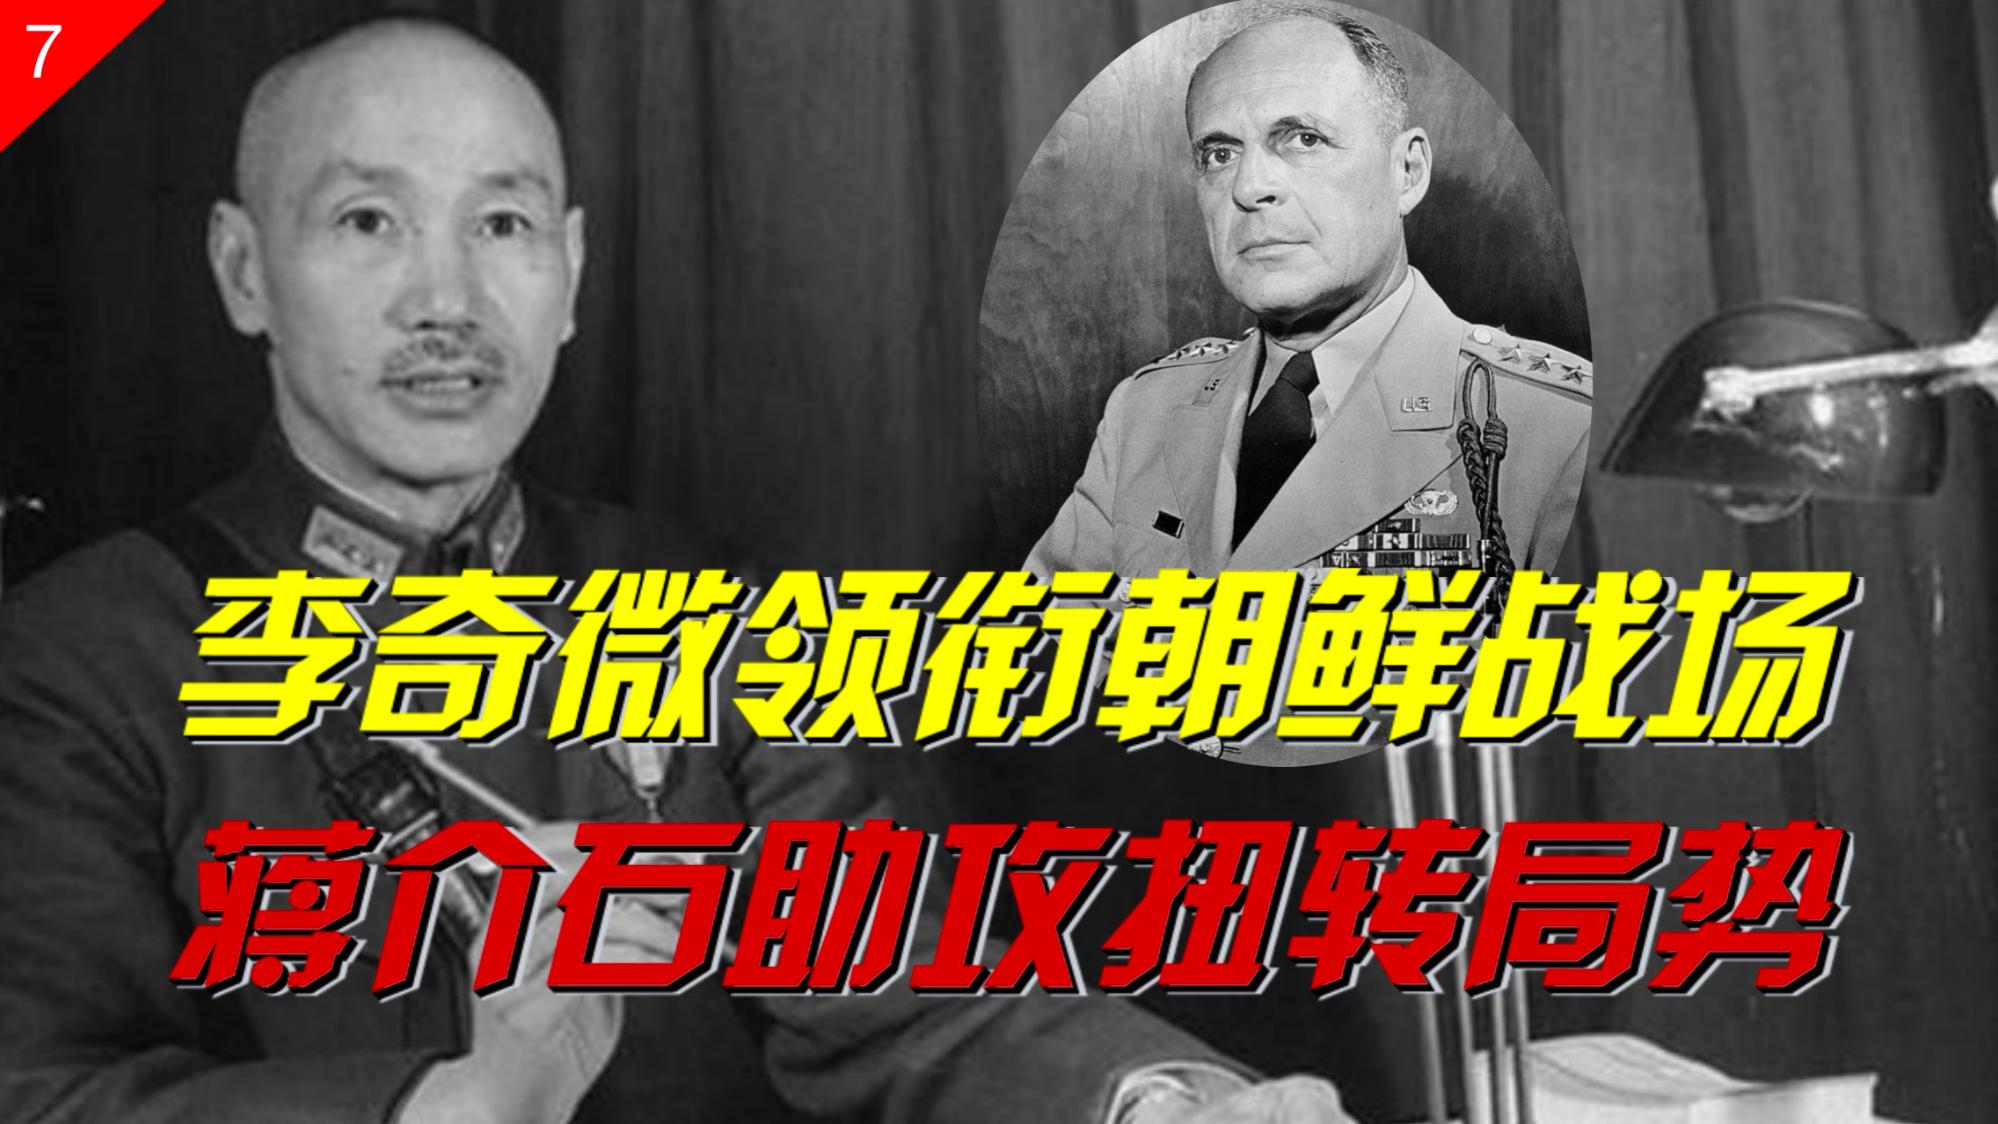 【朝鲜战争】蒋介石如何助攻李奇微,一招扭转朝鲜战场局势?